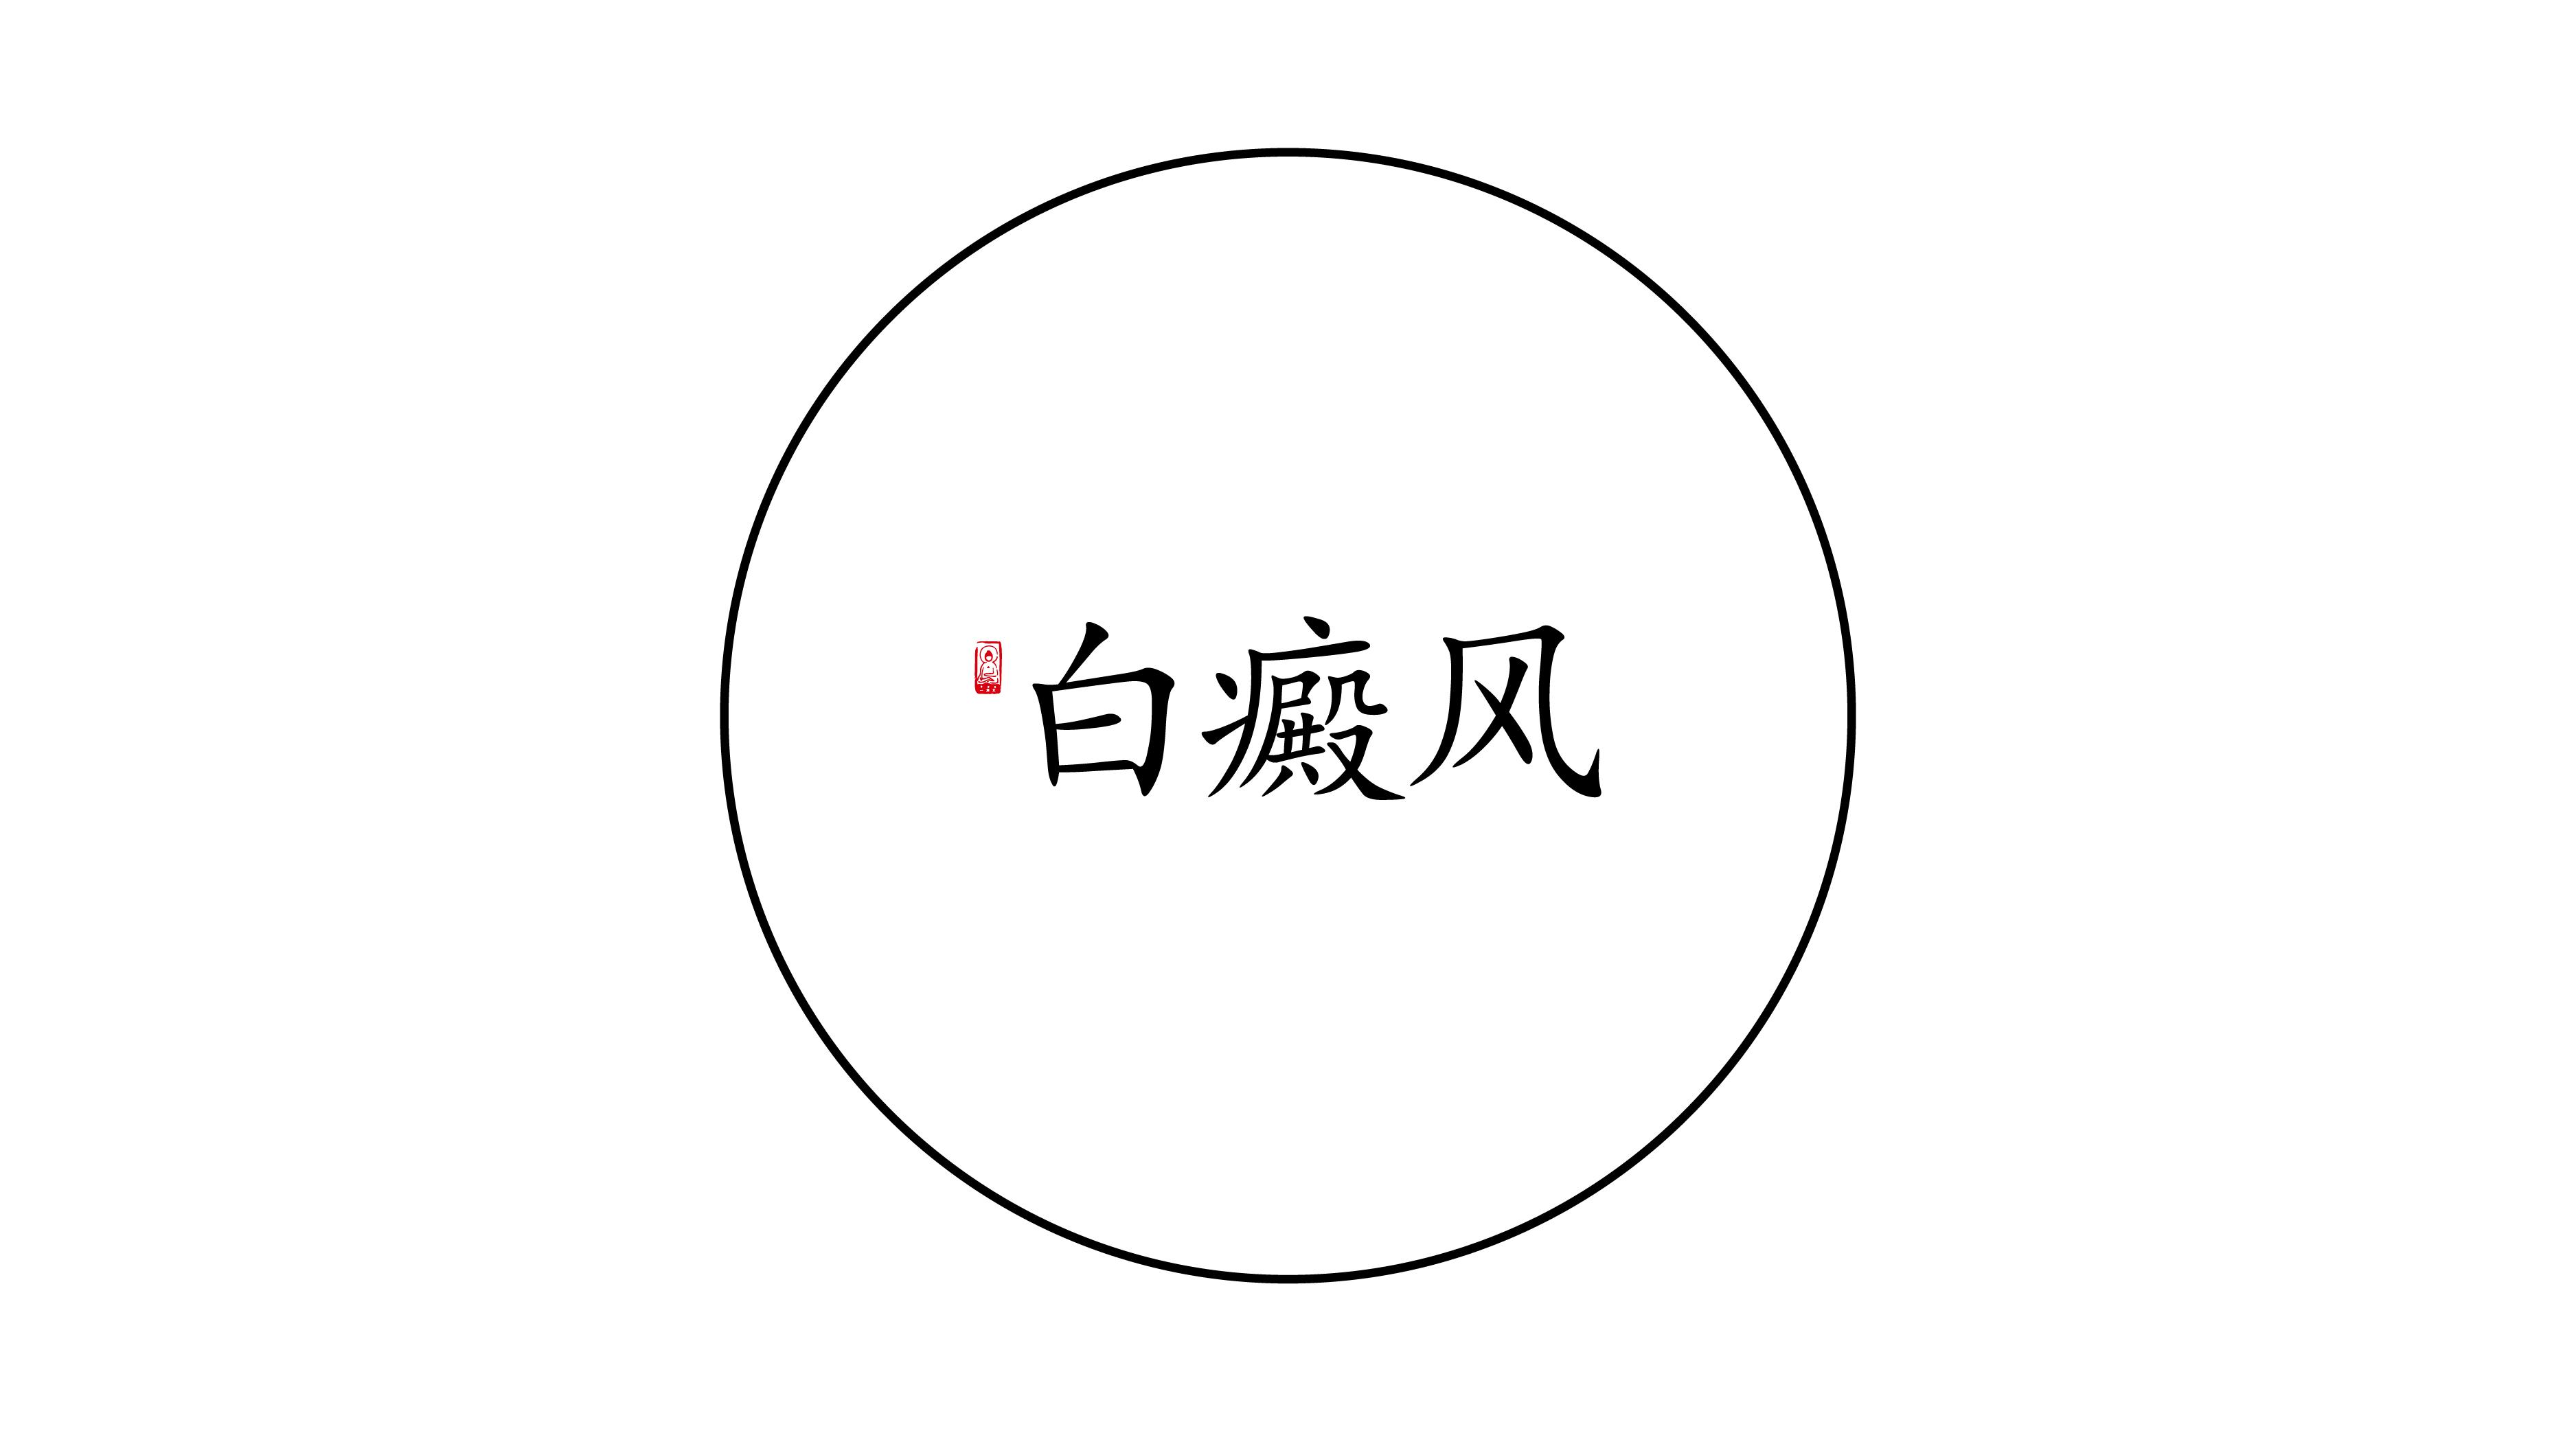 滁州正规白癜风医院:为什么要血液检查?